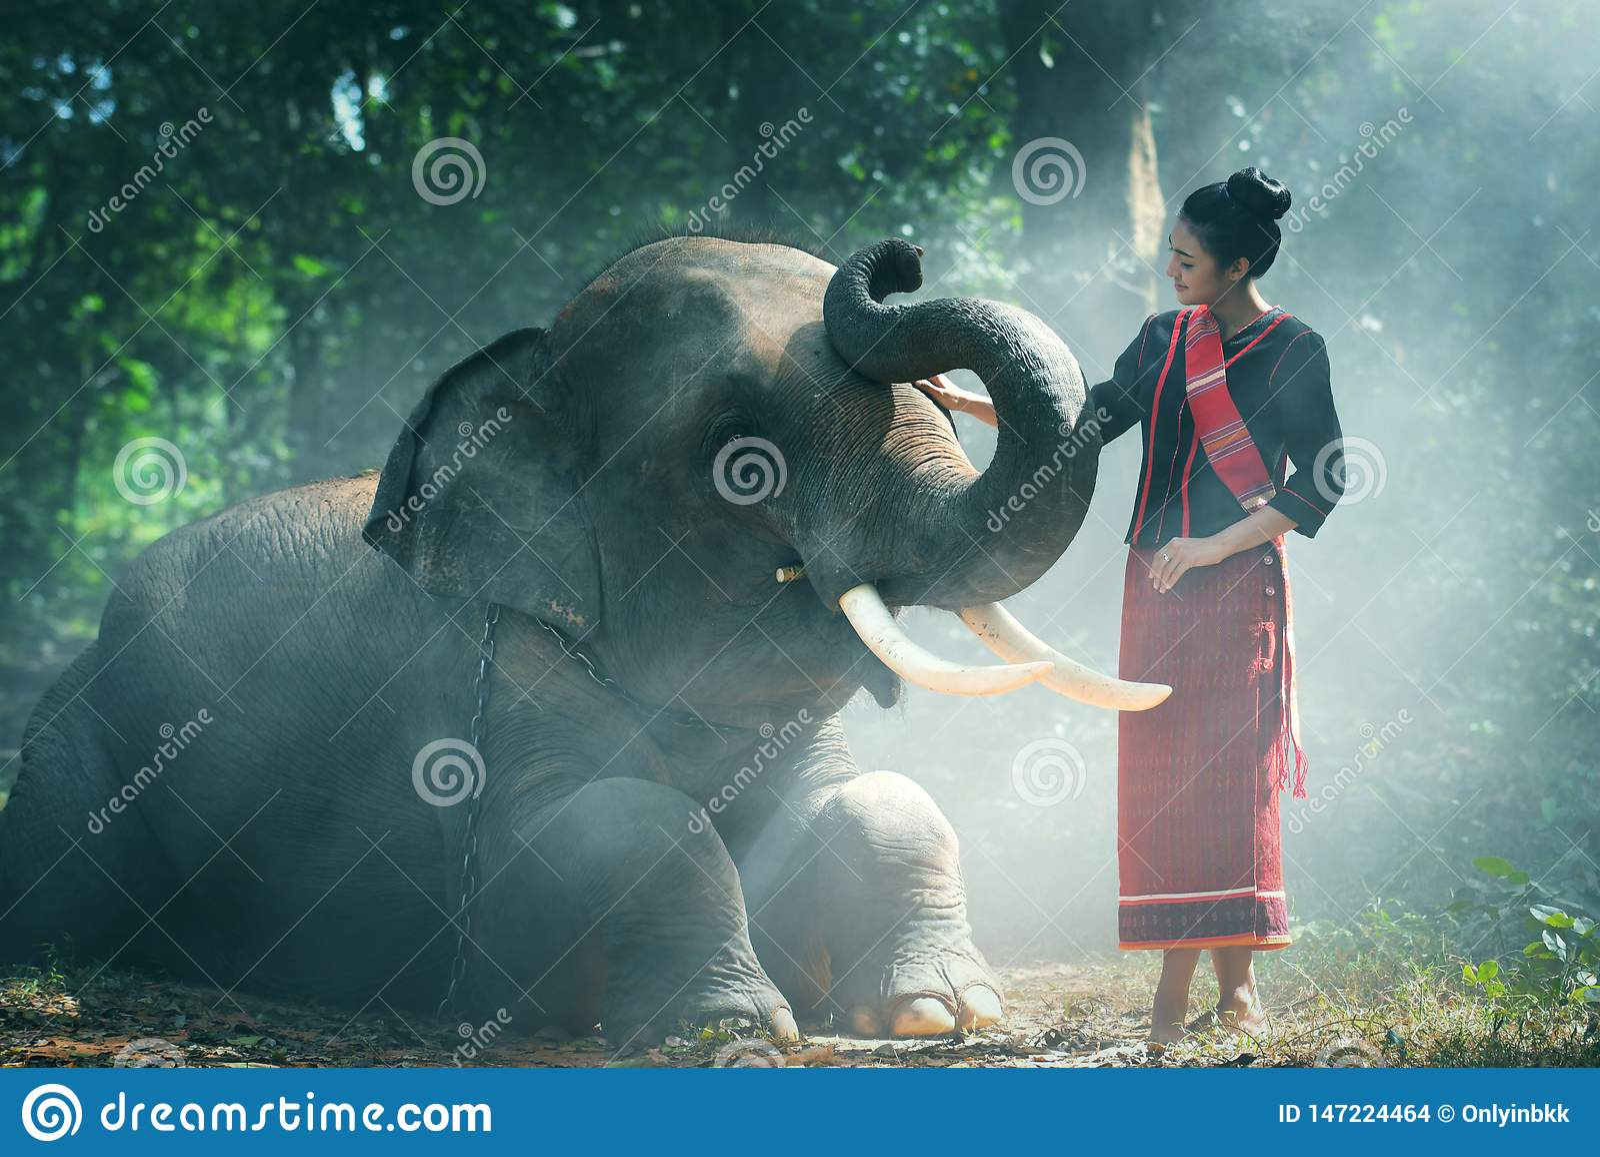 Стиль красивой молодой тайской женщины северо-восточный насладиться станцевать и сыграть со слоном в джунглях